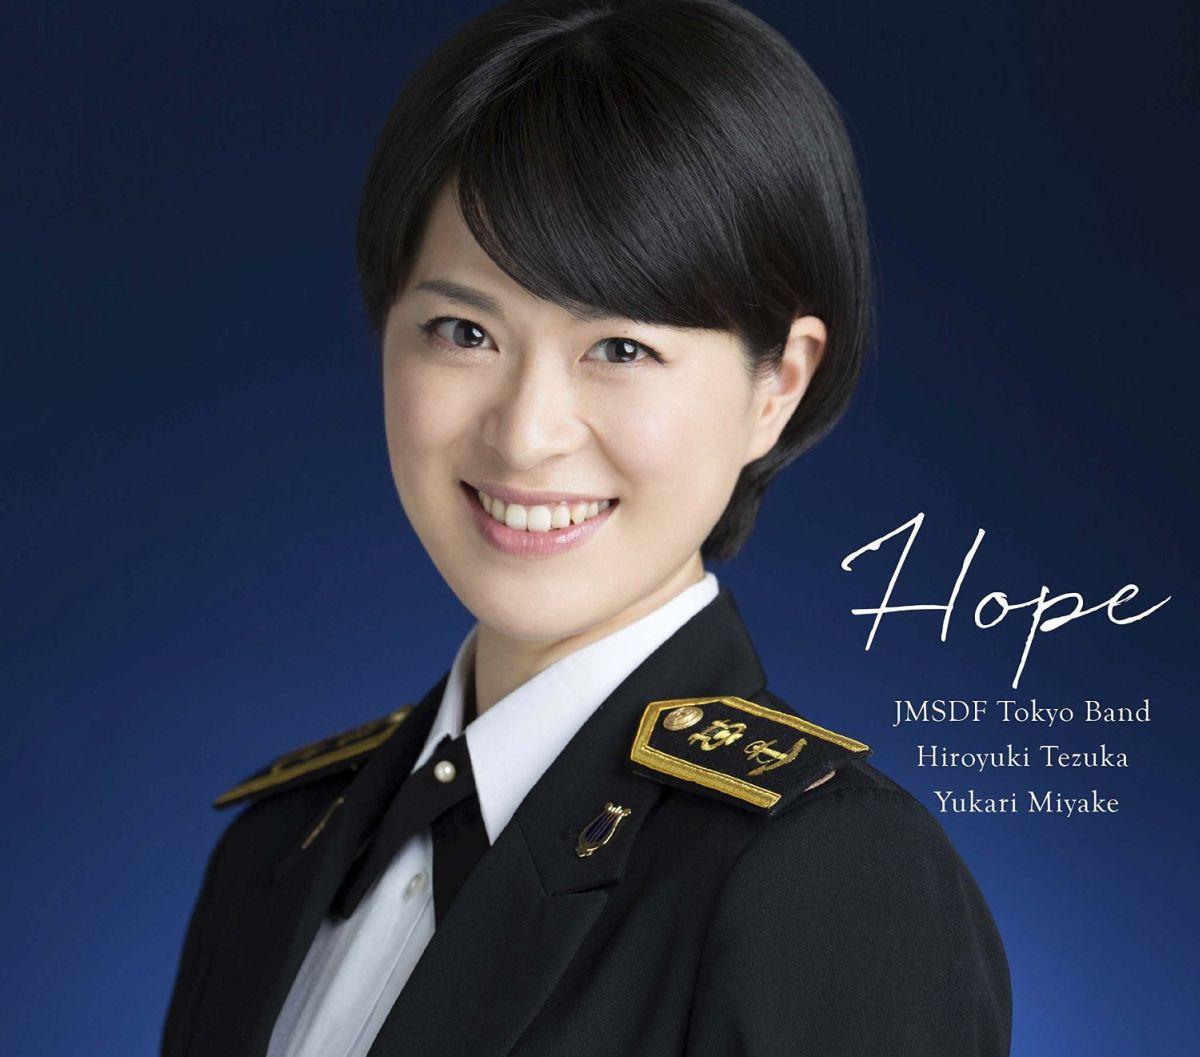 希望〜Songs for Tomorrow (初回限定盤 CD+DVD) [ 海上自衛隊東京音楽隊 三宅由佳莉 ]